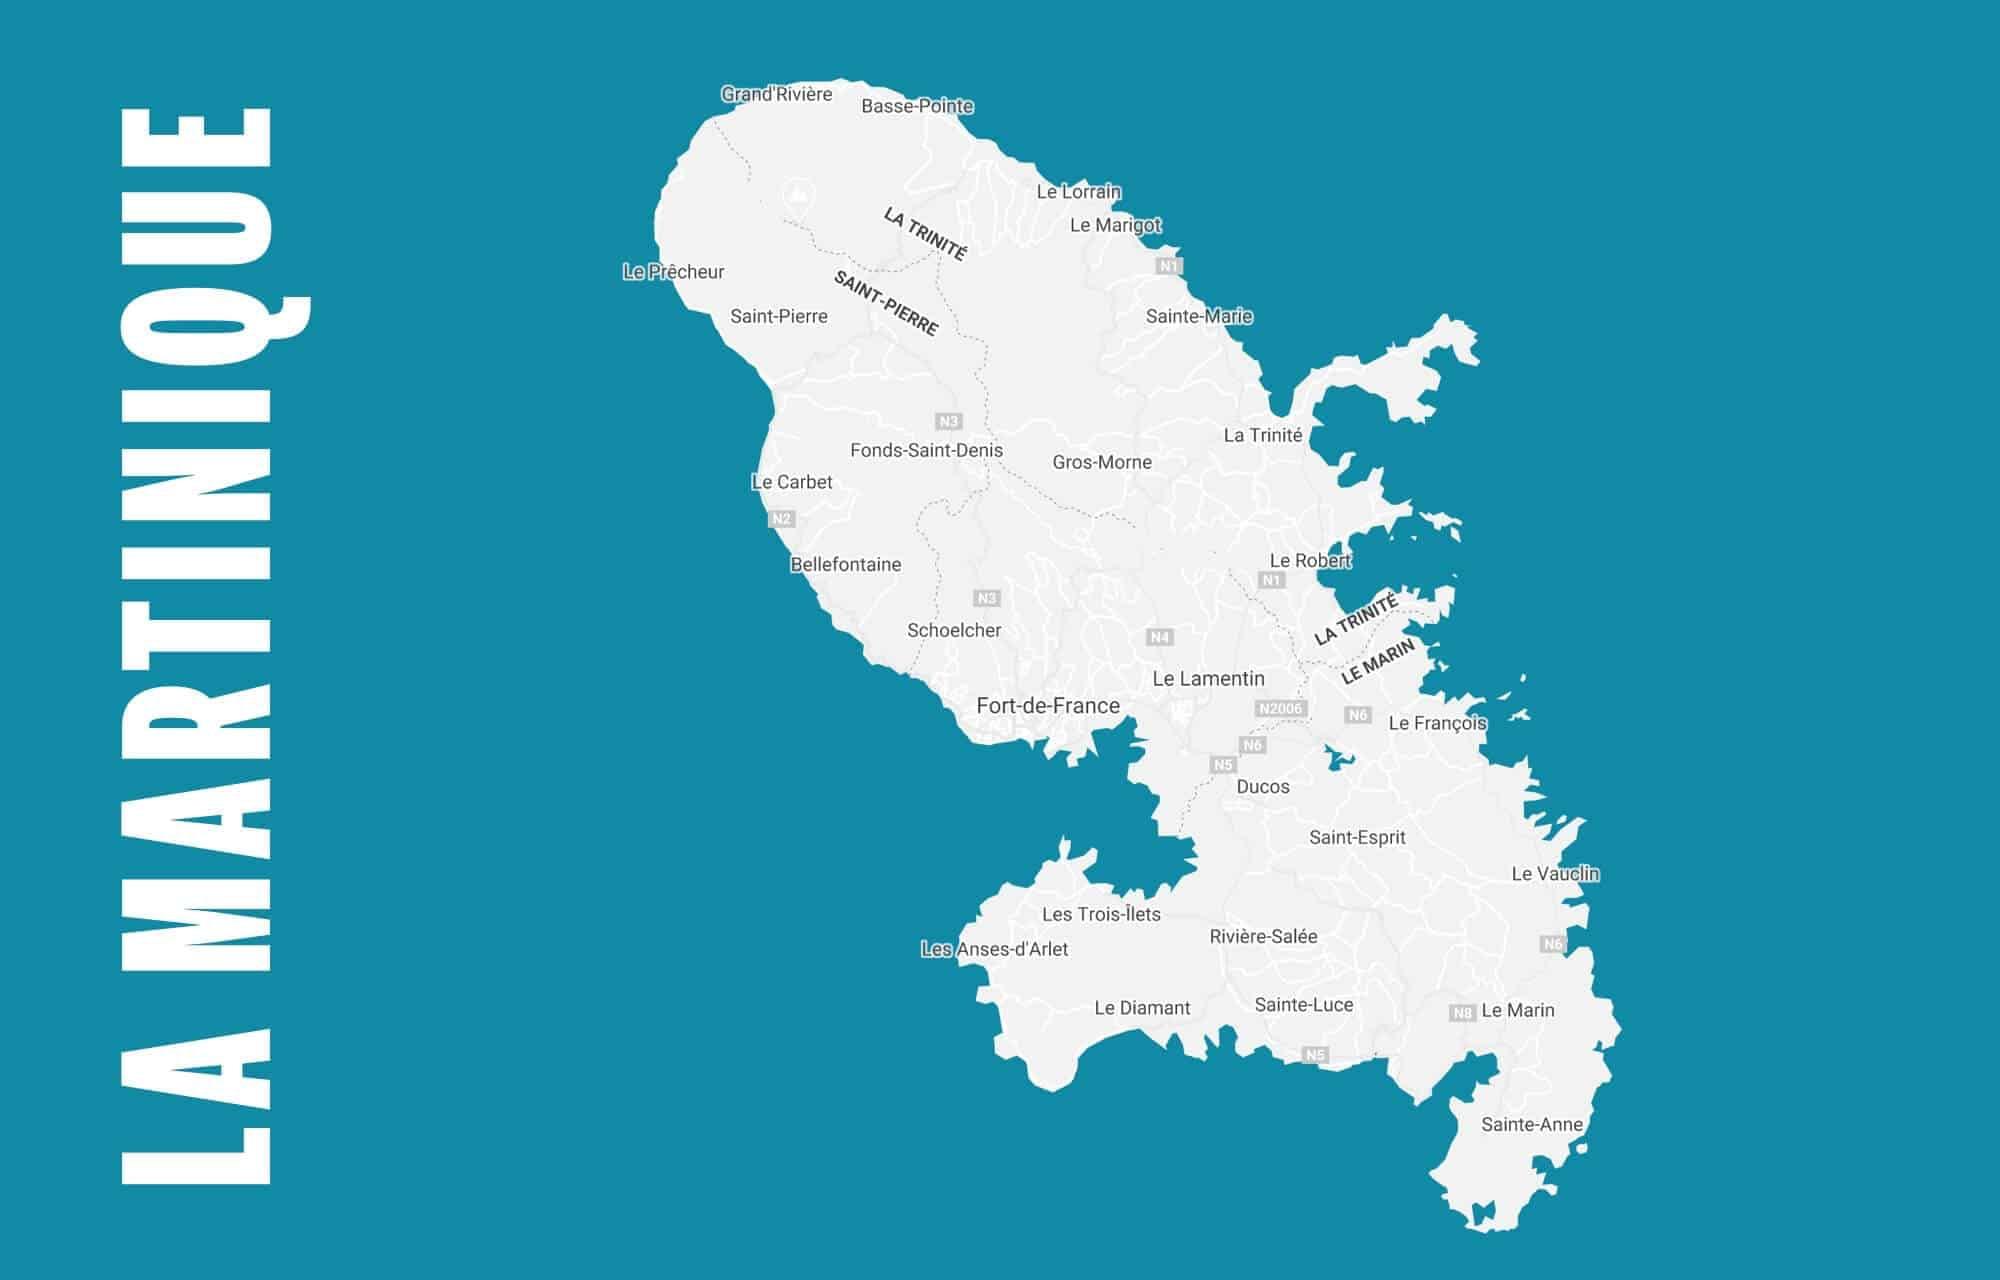 La carte de la Martinique